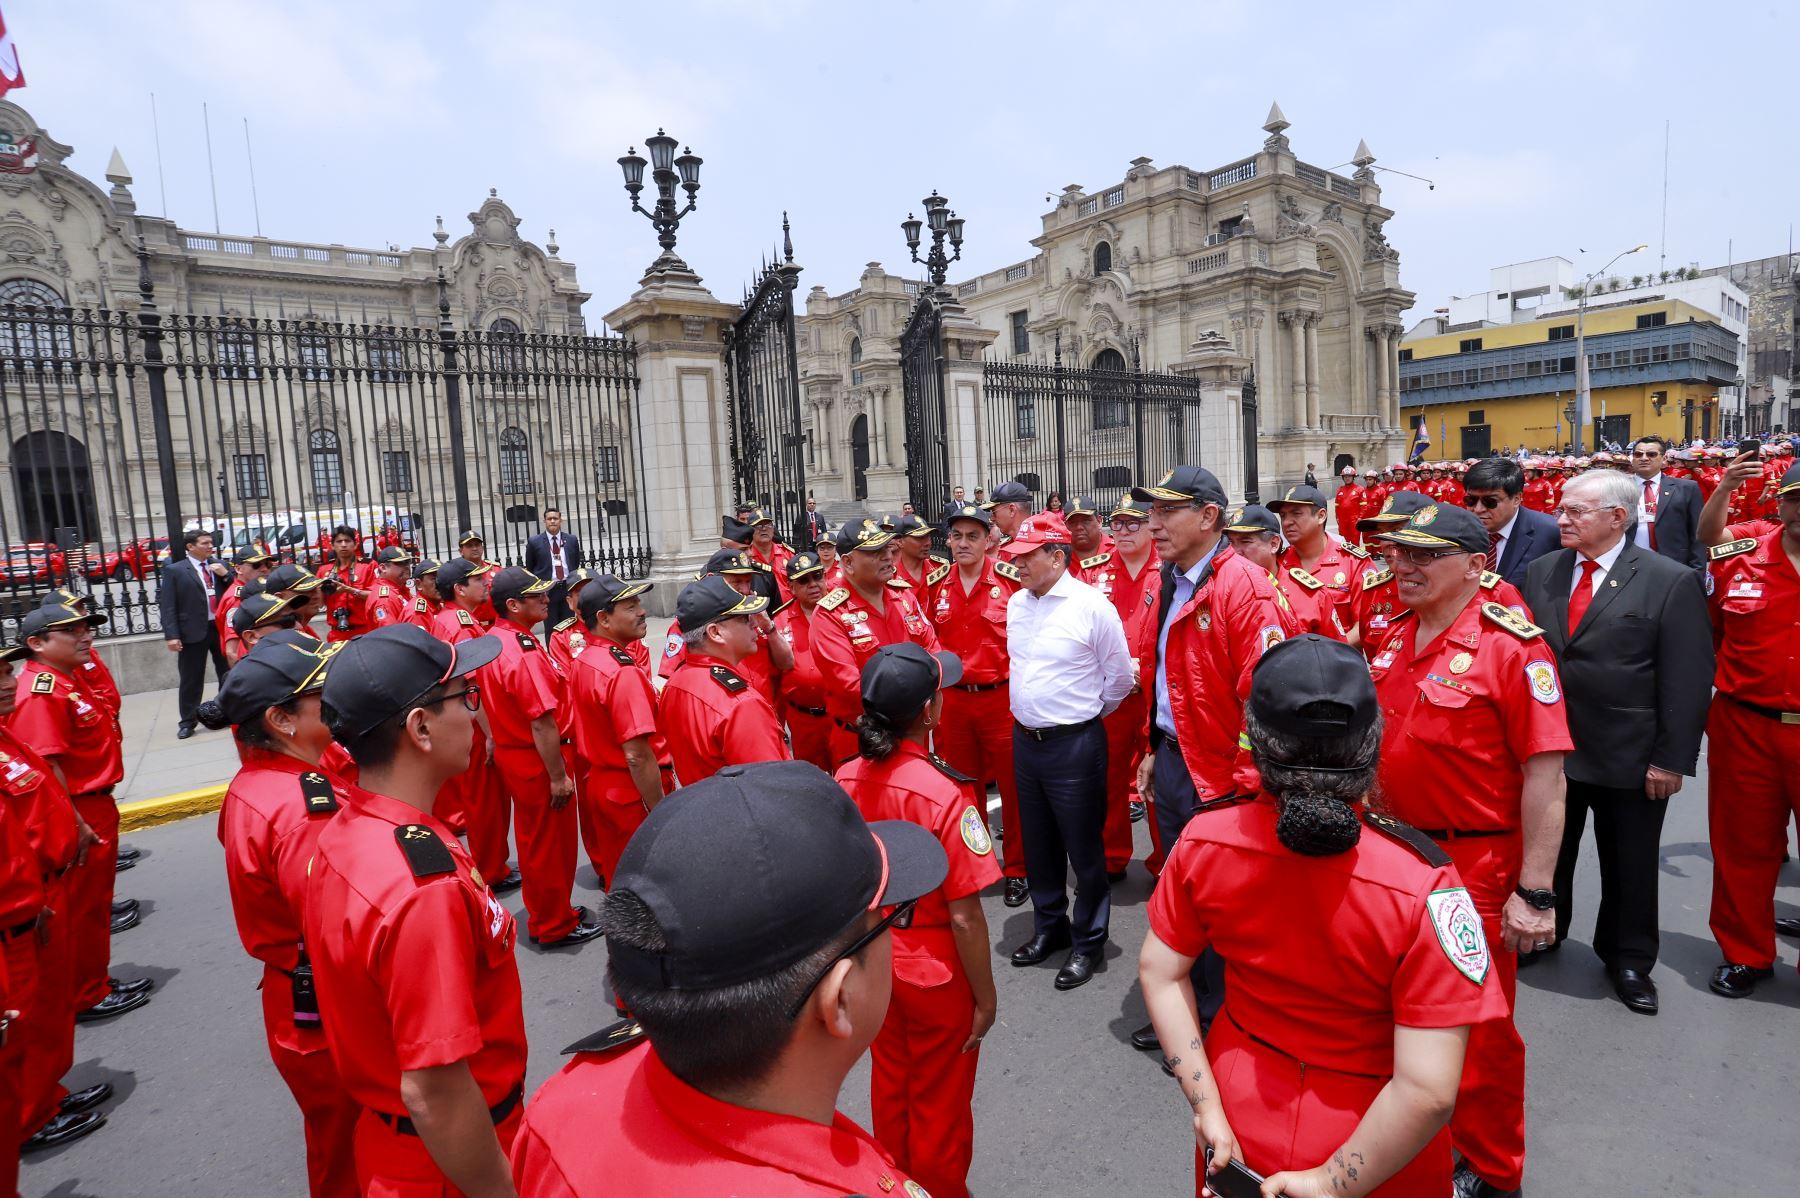 Presidente Martín Vizcarra, entregó ambulancias, camionetas, autobombas y herramientas de rescate al Cuerpo General de Bomberos Voluntarios del Perú. Foto: ANDINA/ Prensa Presidencia